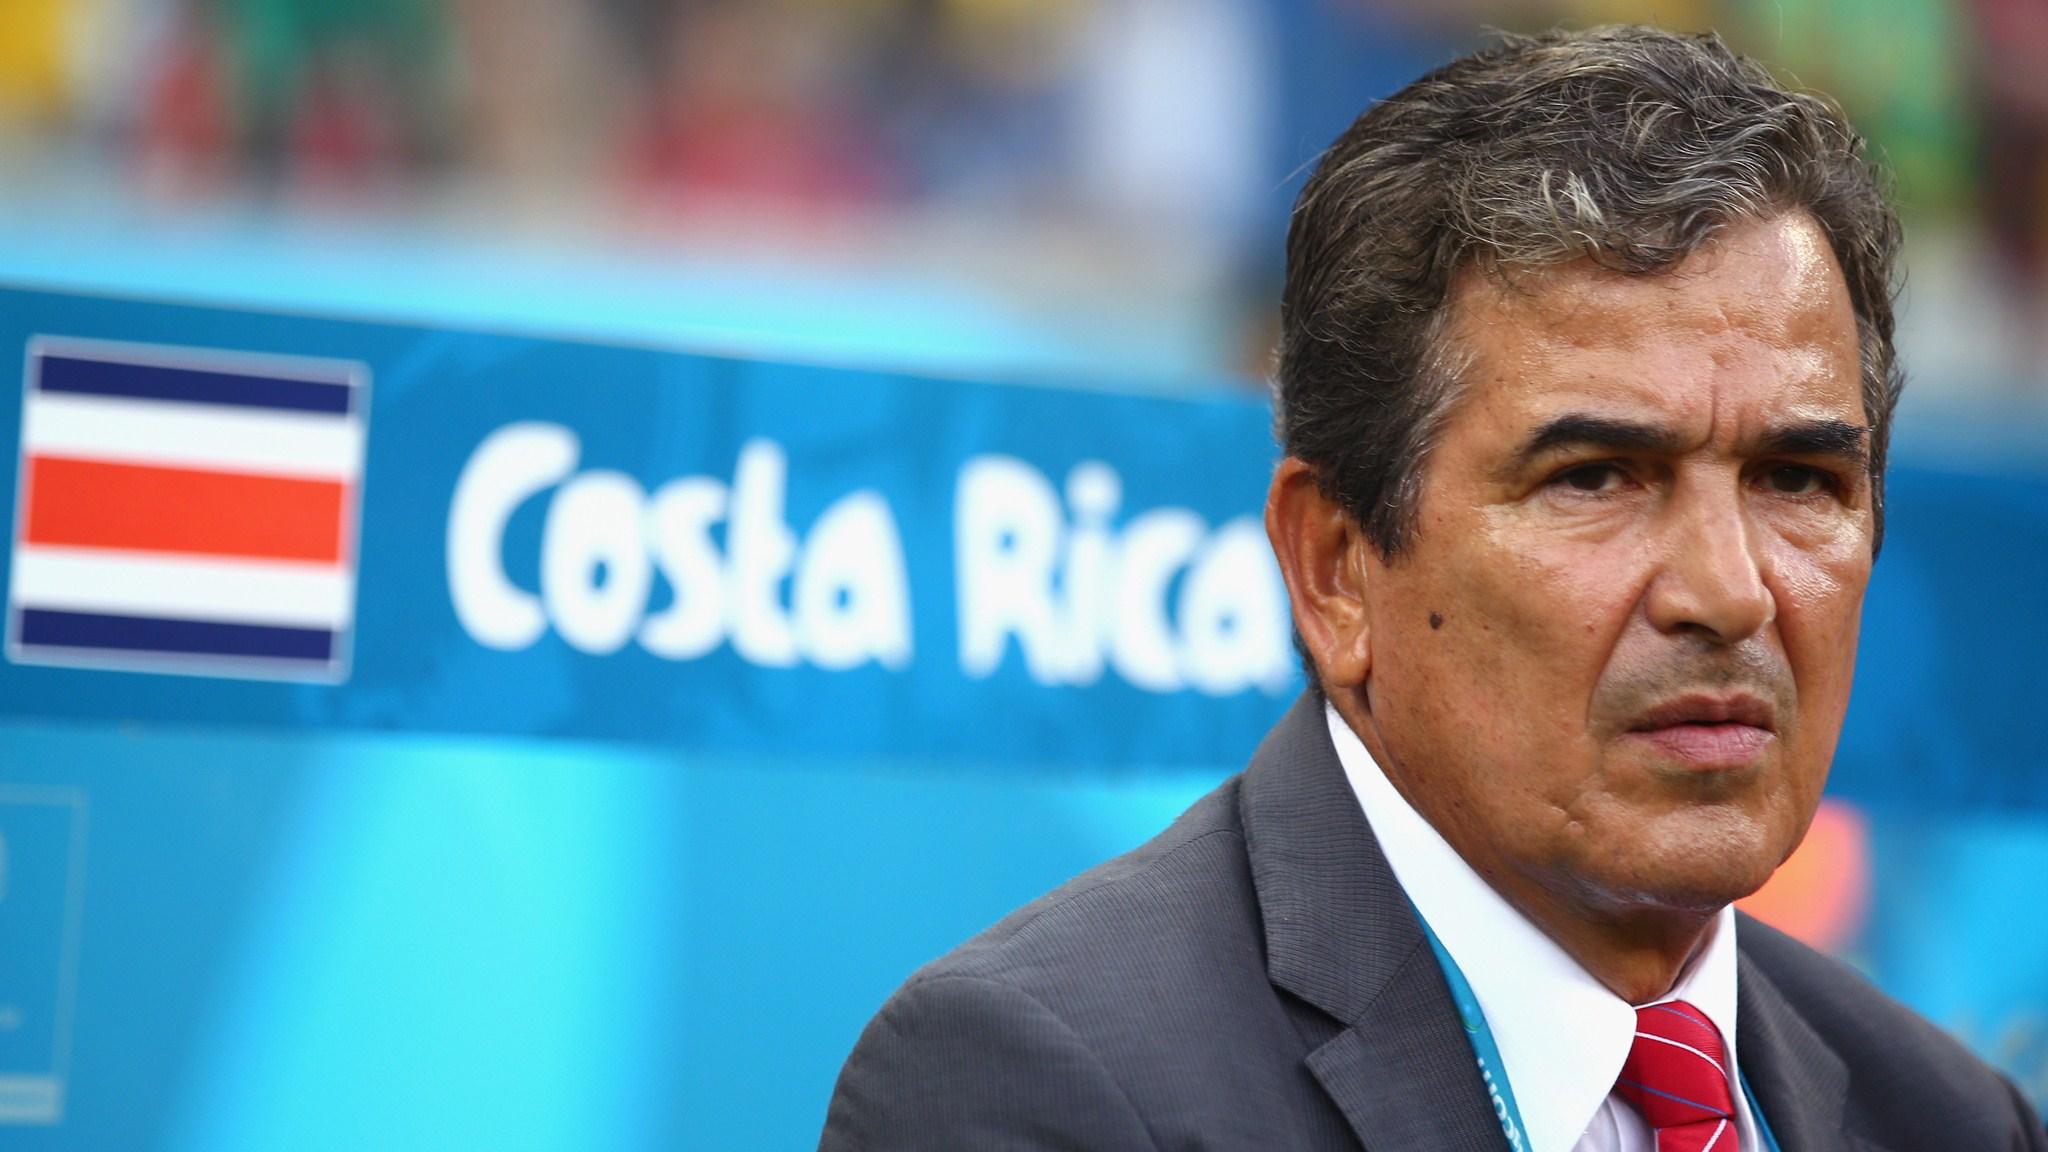 177 - Costa Rica-Greece [1-1 - Costa Rica win on penalties (5 - 3)] -- 29 Jun 2014 - 17-00 - kuaza